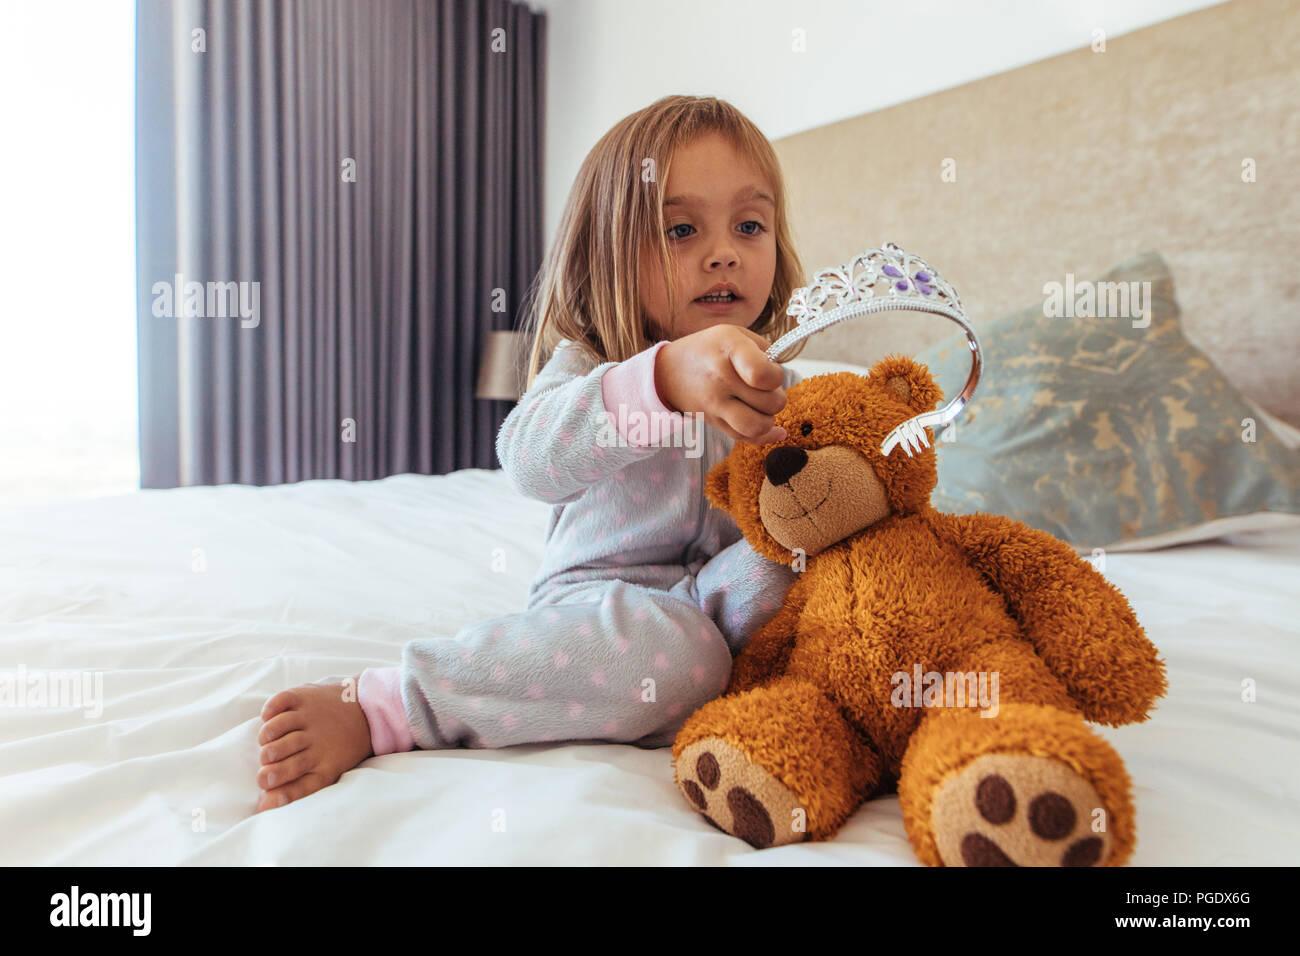 Inocente niña poner una corona sobre su oso de peluche. Niña jugando con su muñeco de peluche. Imagen De Stock